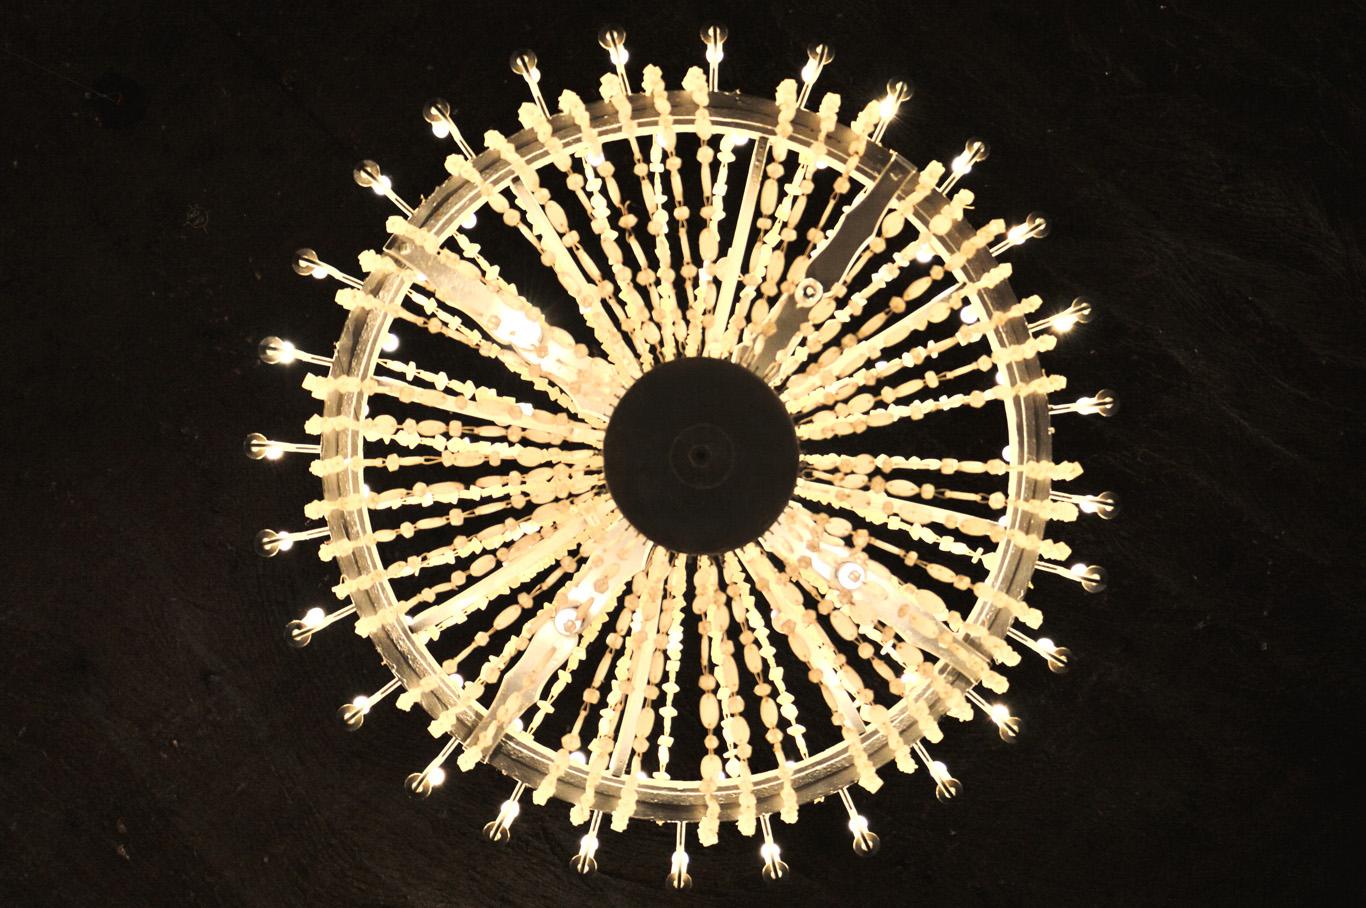 Chandelier made of salt crystals